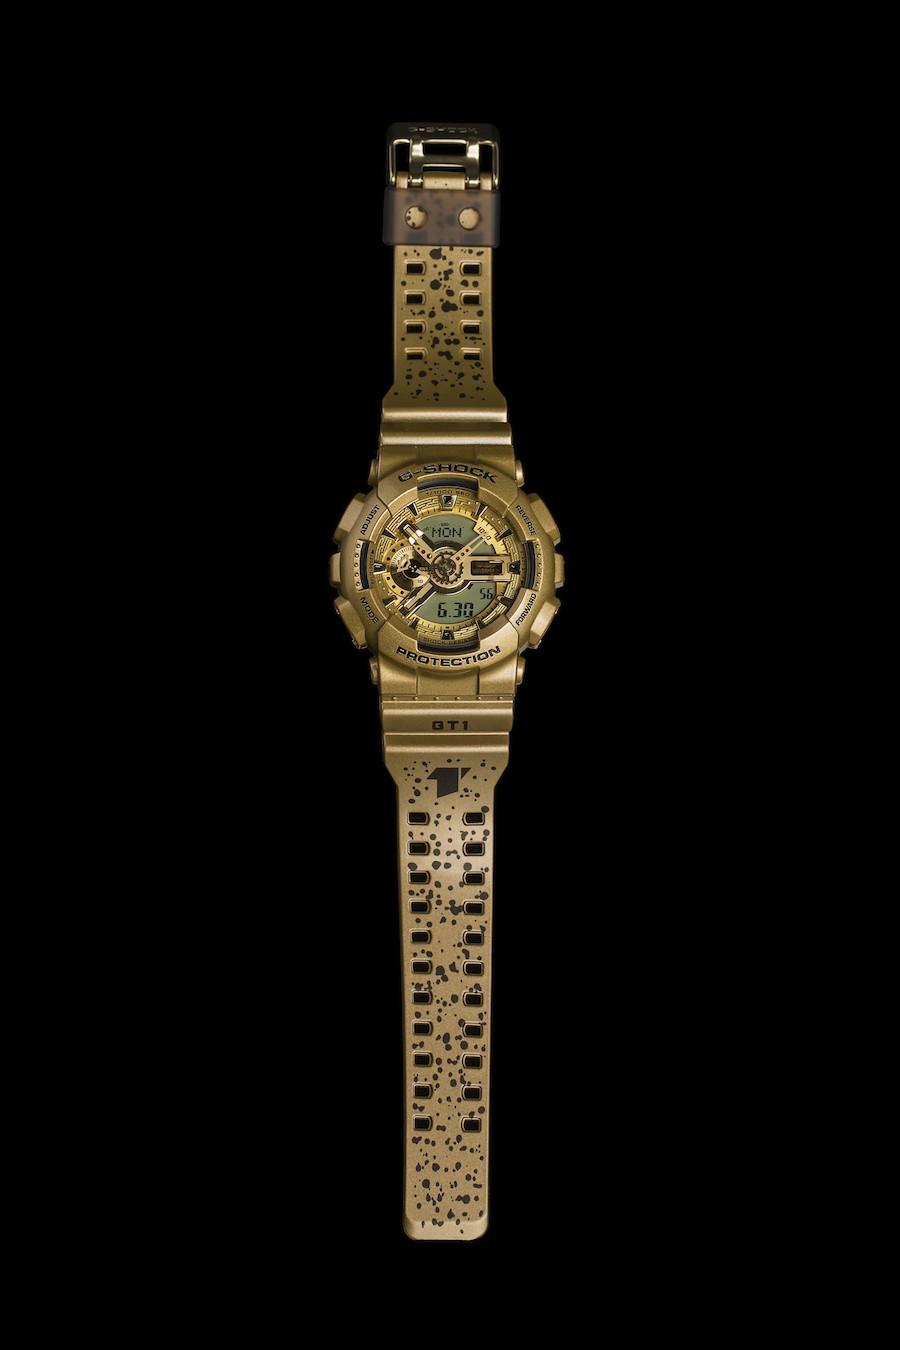 G-SHOCK STORE, TAIPEI一周年限量錶款_攤平圖